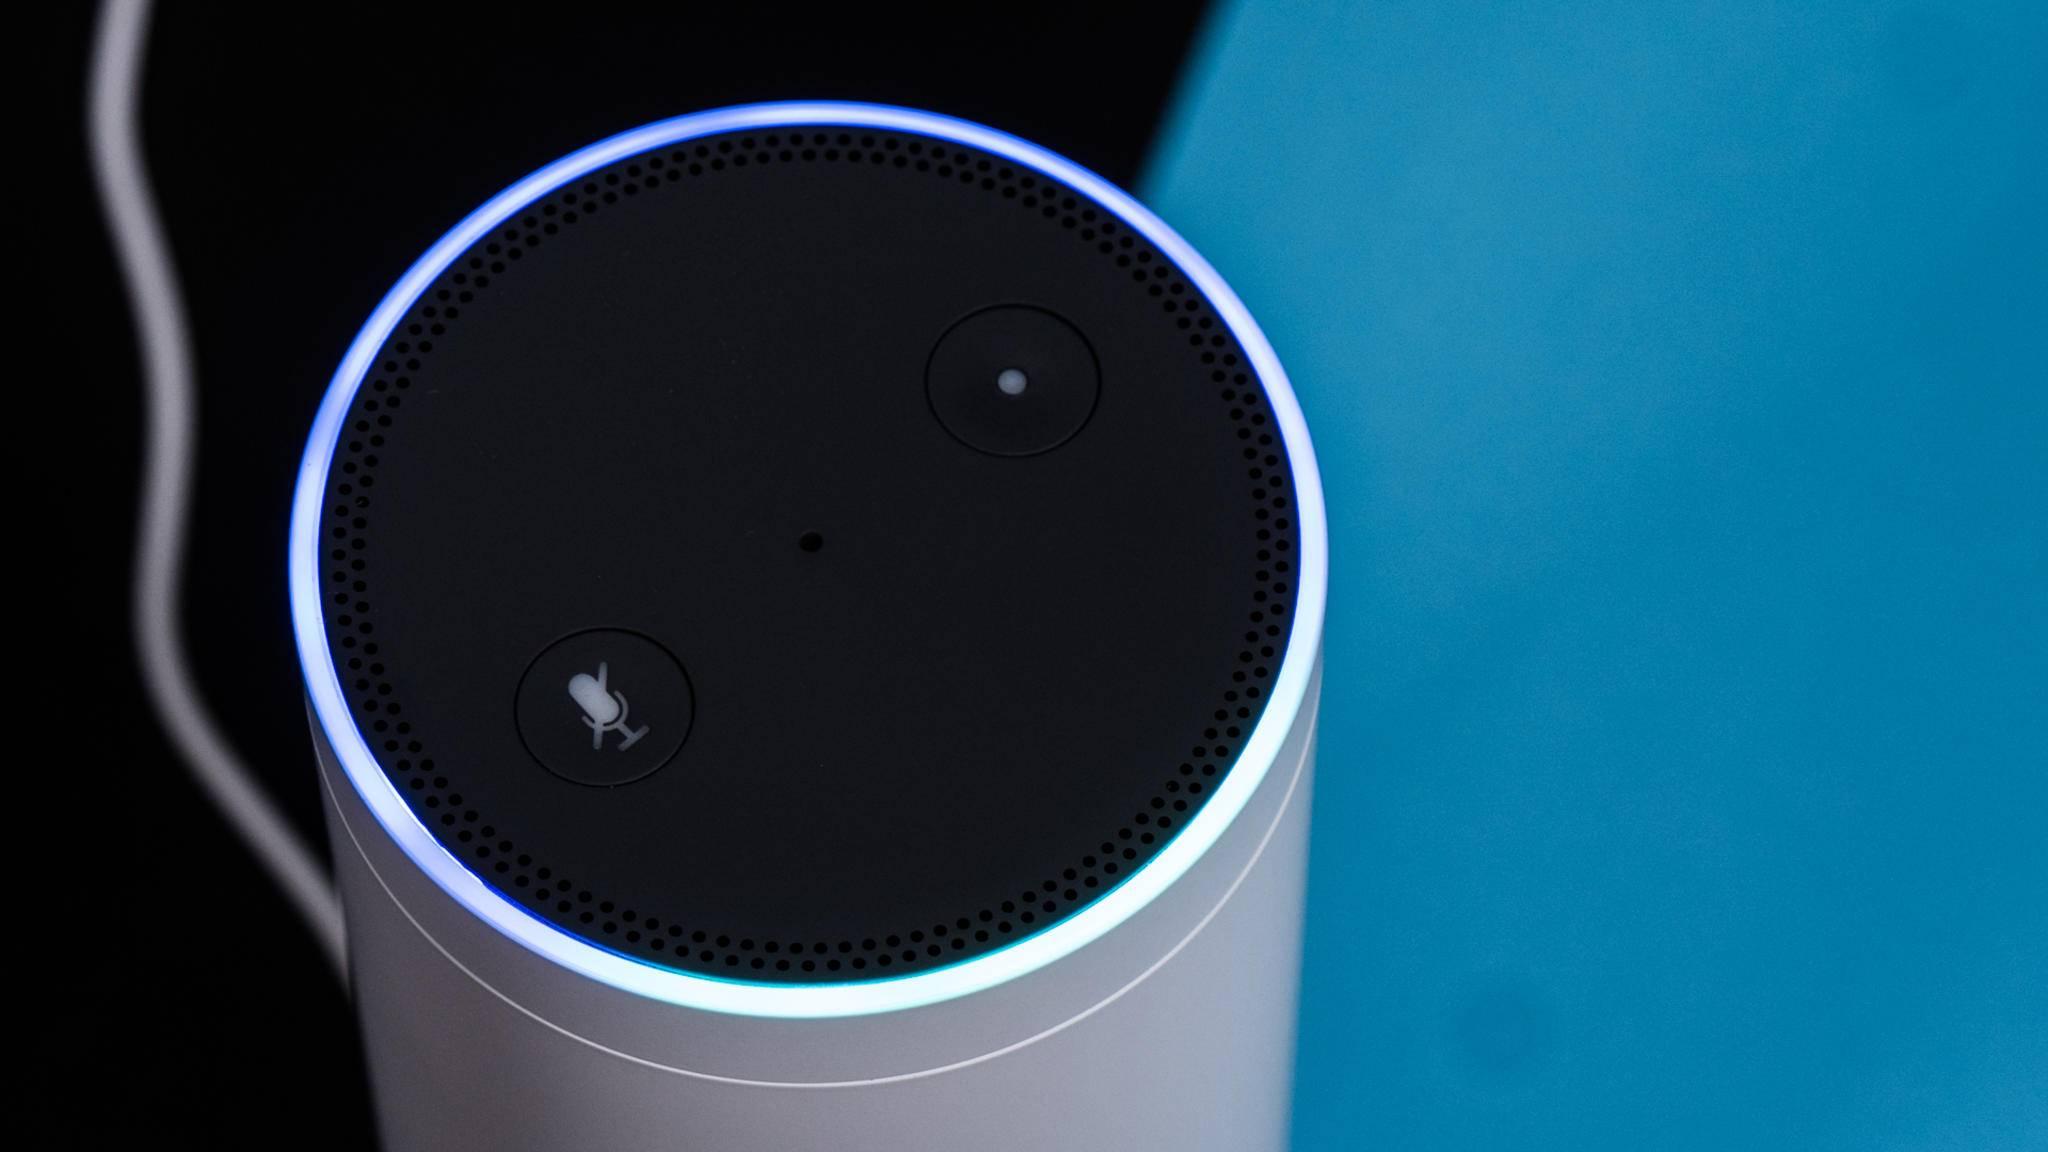 Der Sprachassistent Alexa in Amazon Echo beachtet nun auch den Kontext.